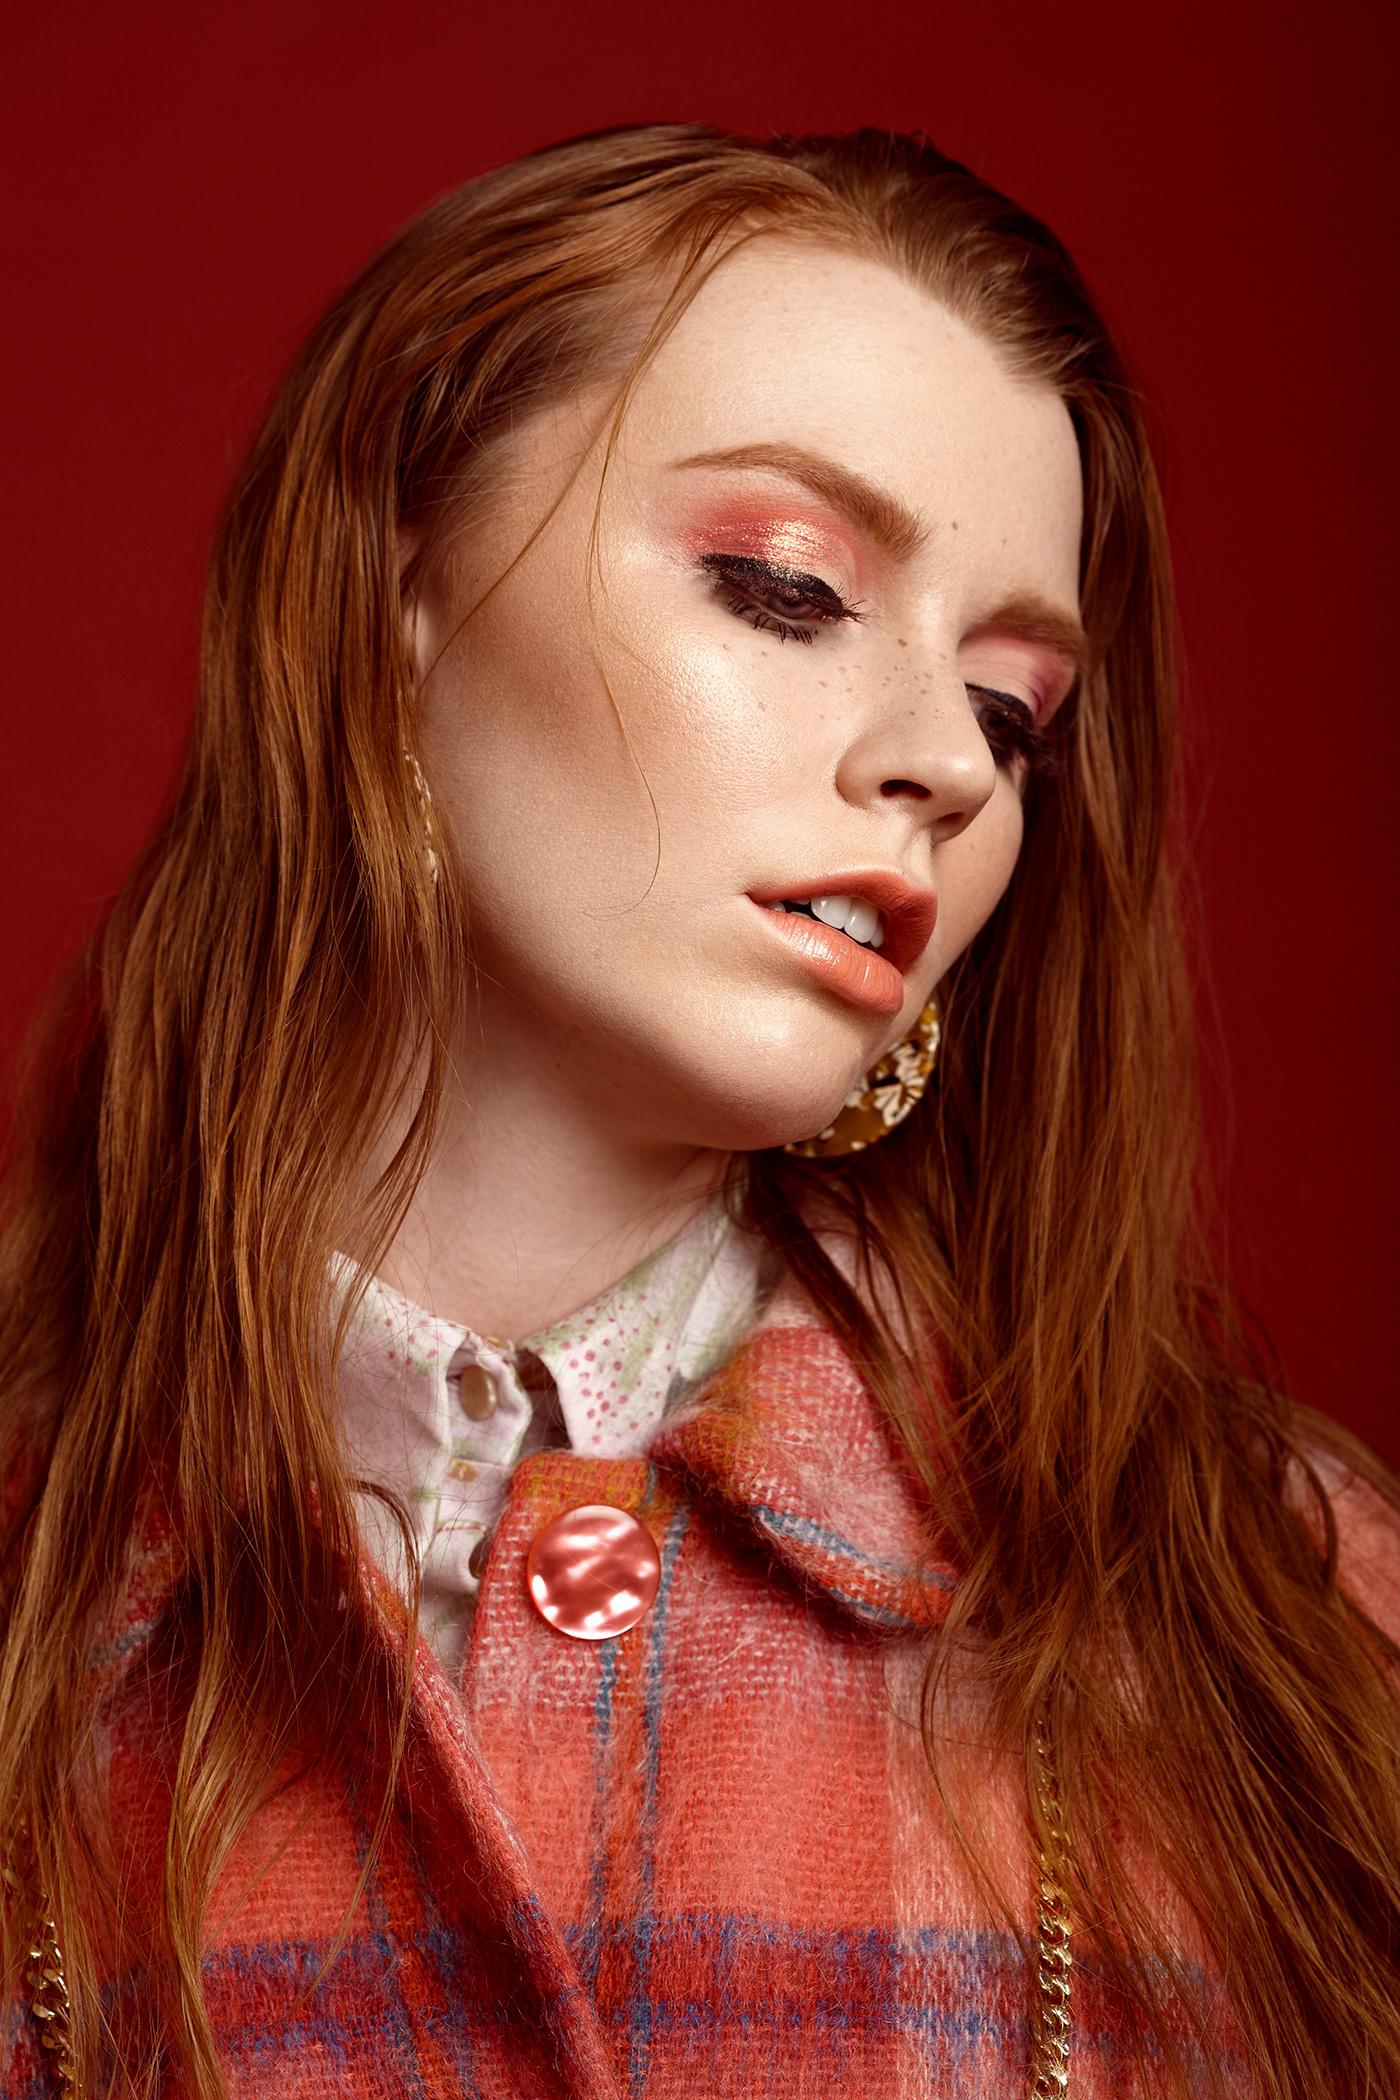 beauty creative Fashion  makeup